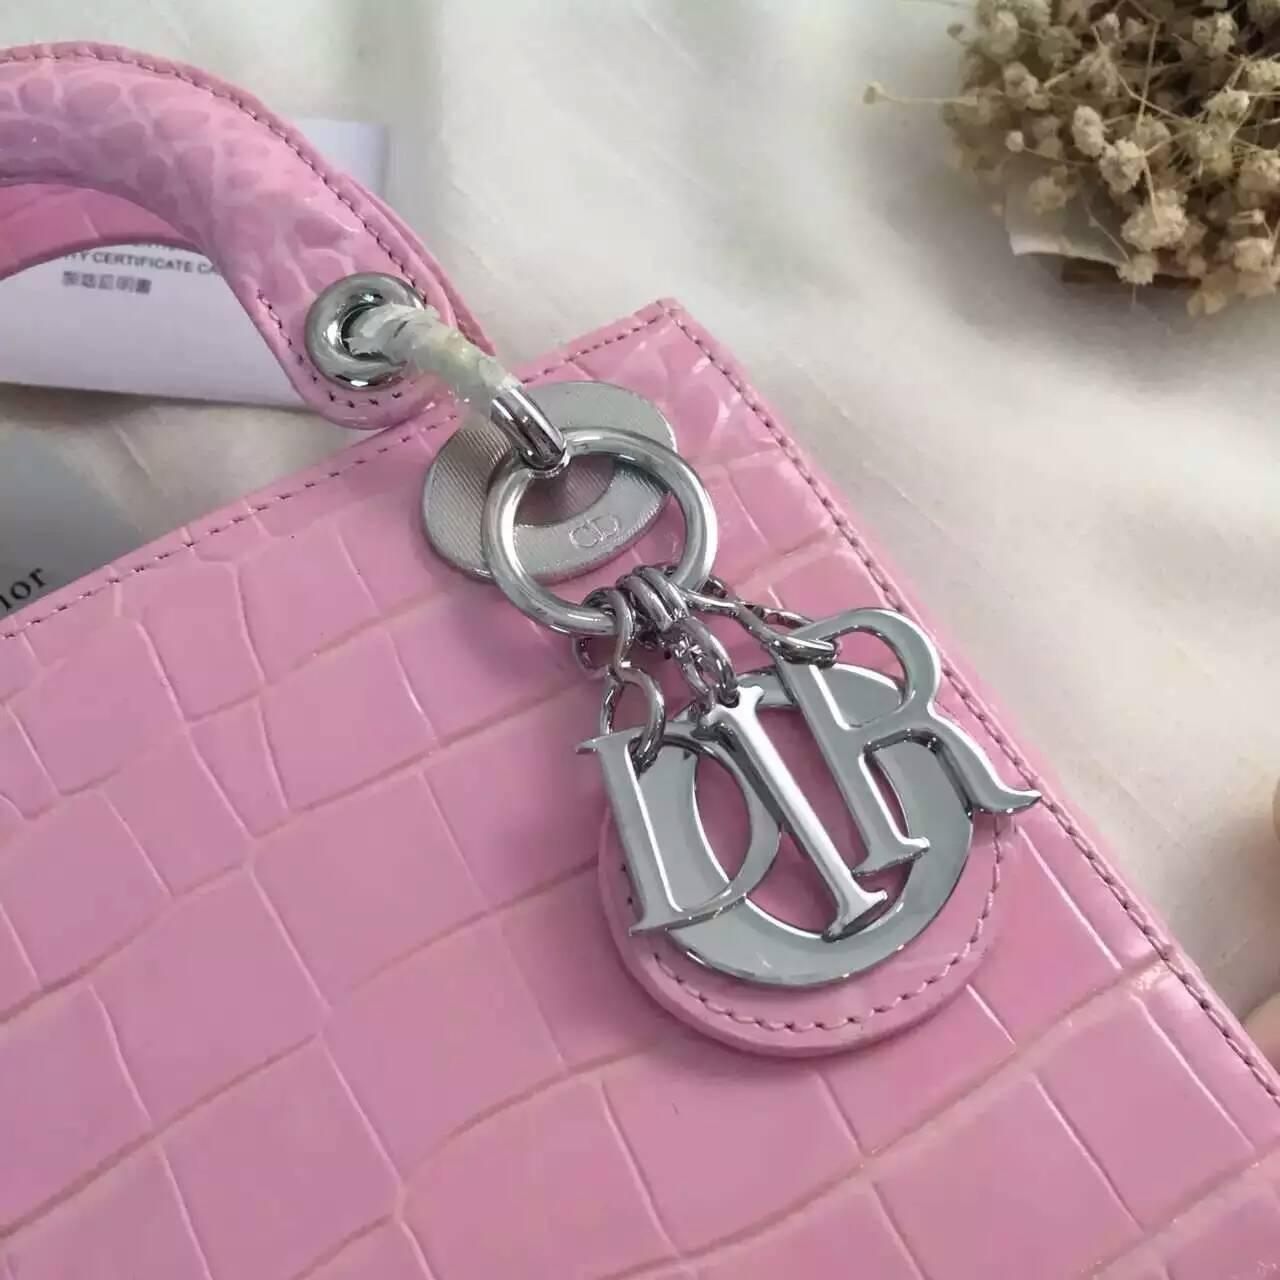 迪奥包包批发 Lady Dior mini浅粉色原版牛皮压鳄鱼纹三格戴妃包